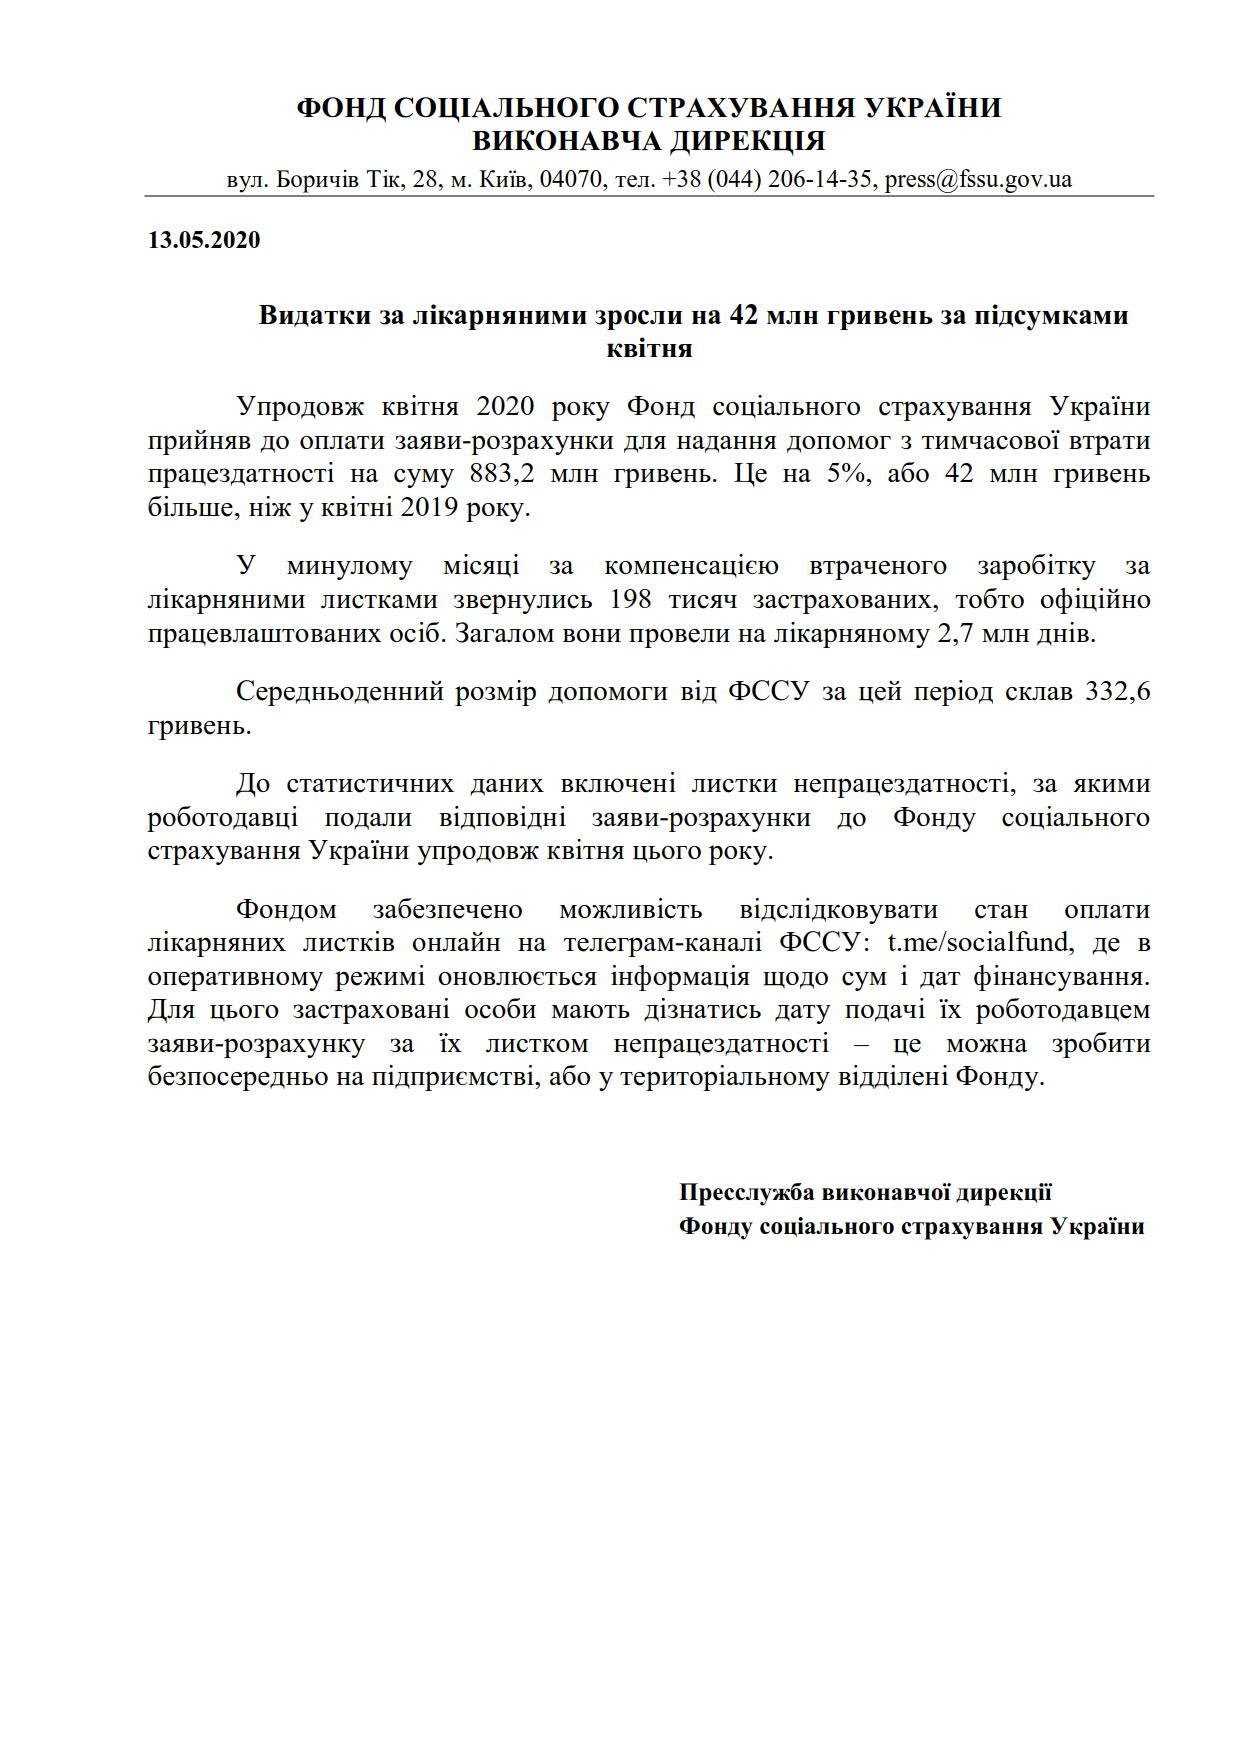 ФССУ_Лікарняні квітень_1